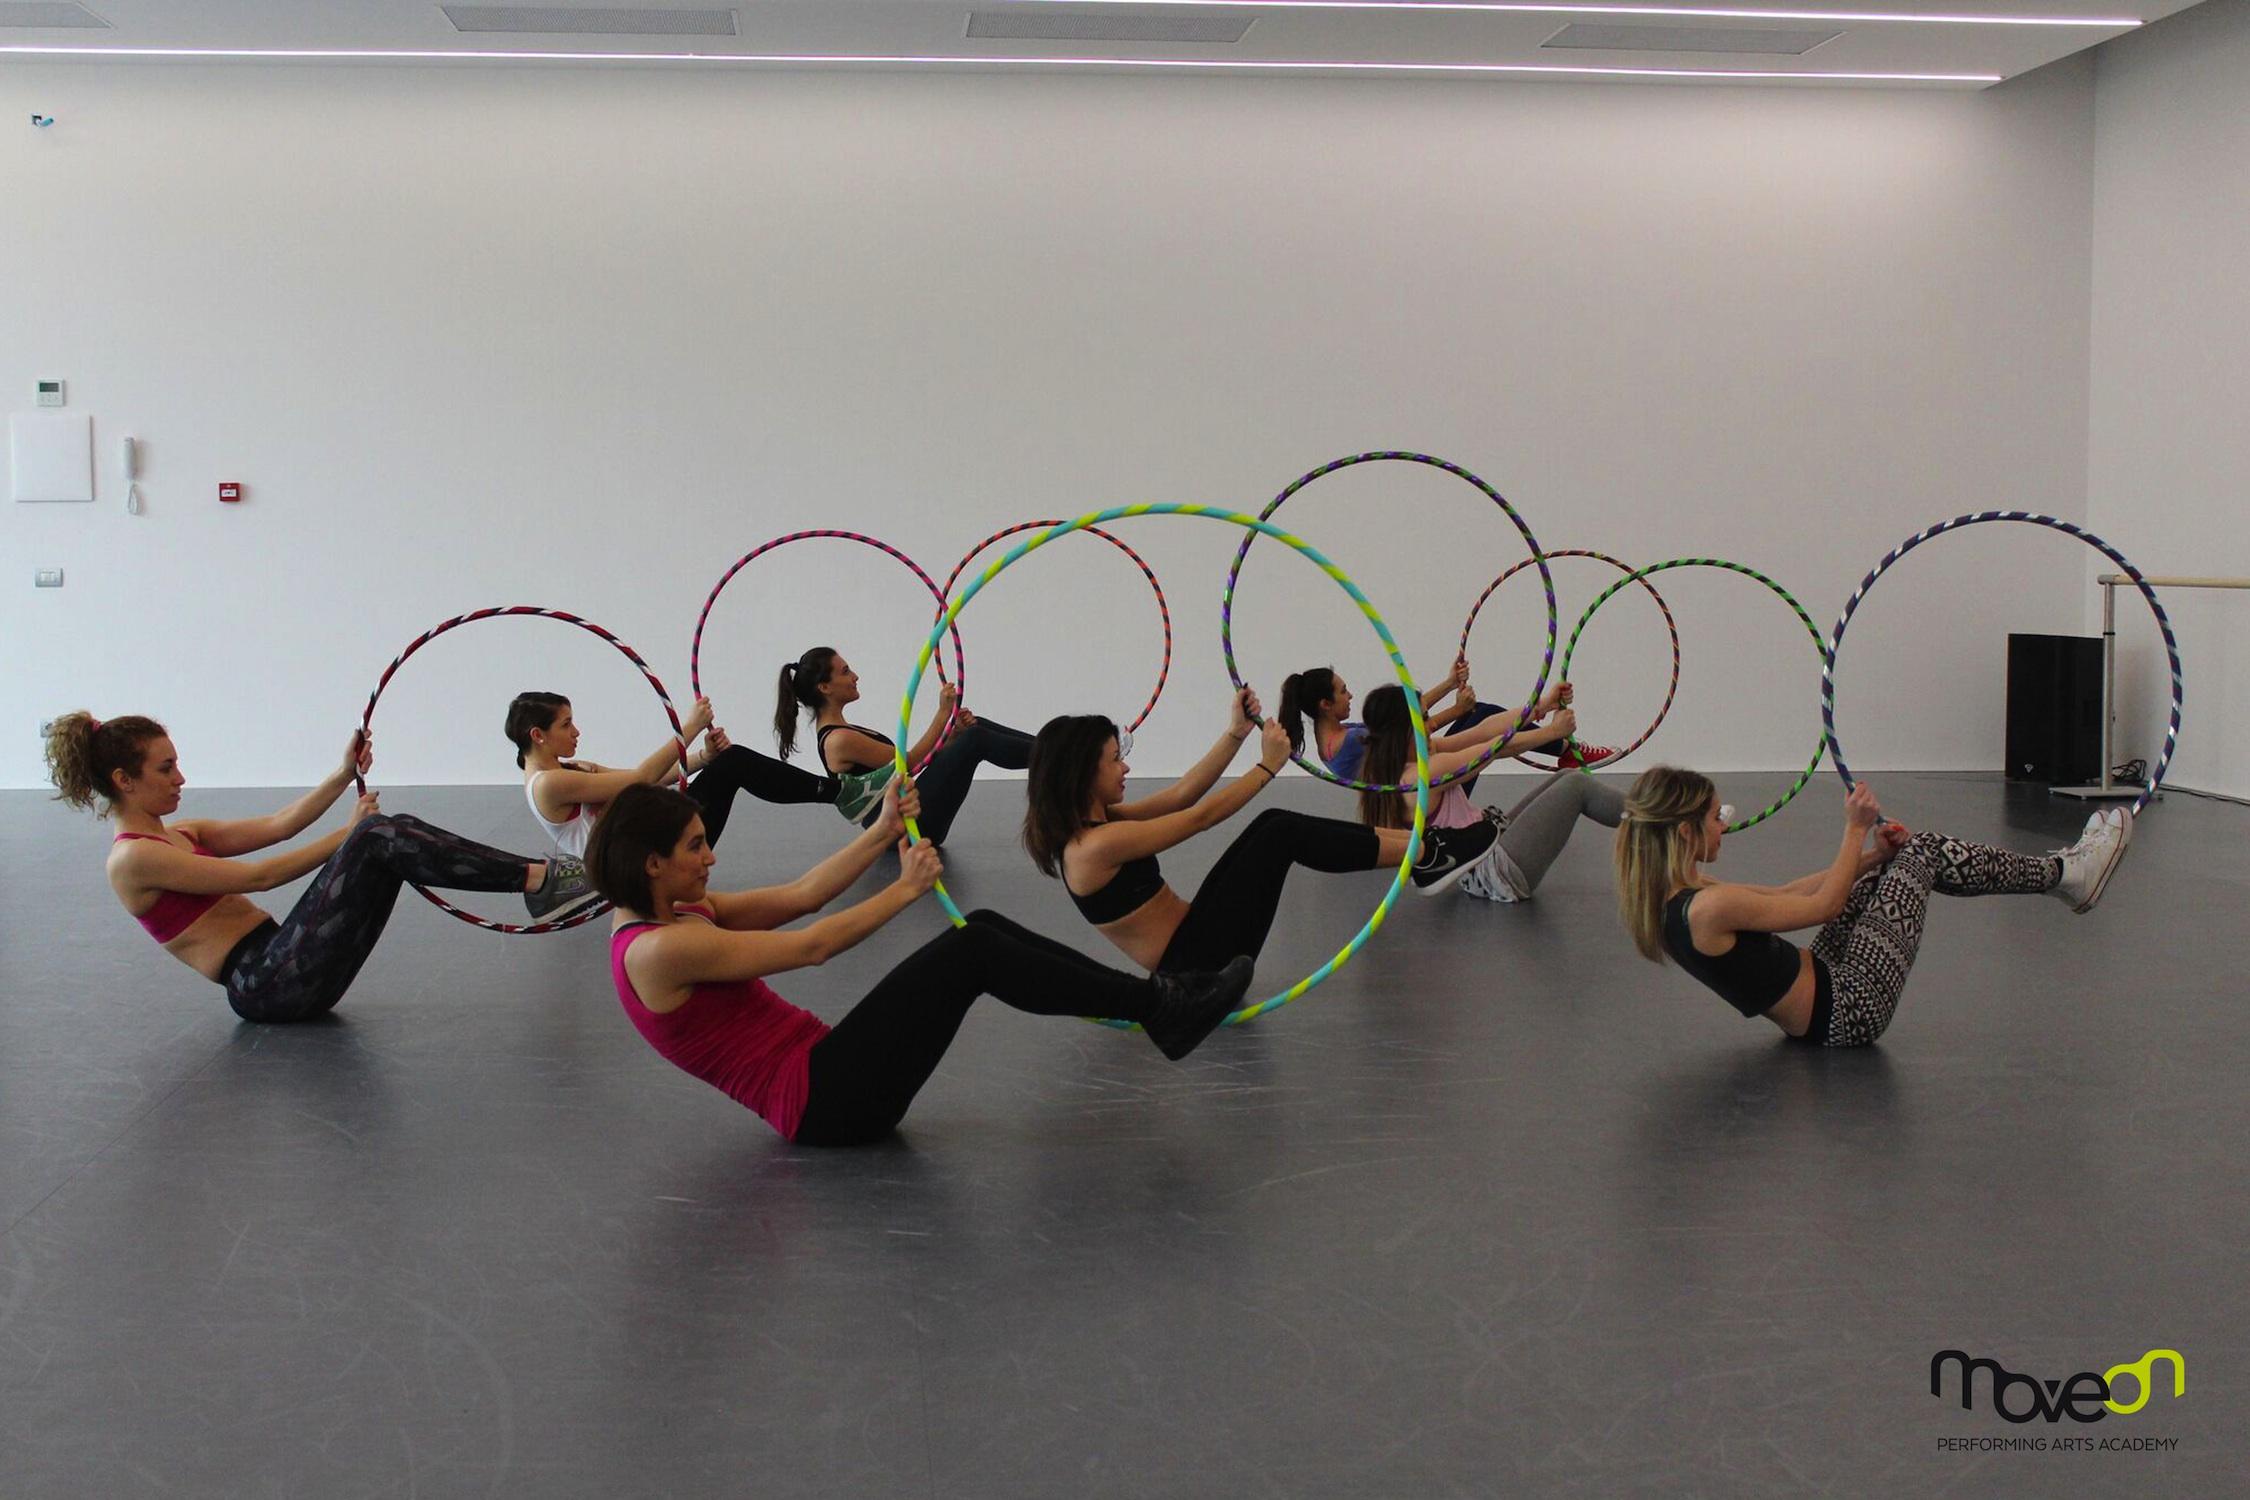 MoveOn: lezioni gratuite a Milano - hoop fitness 4